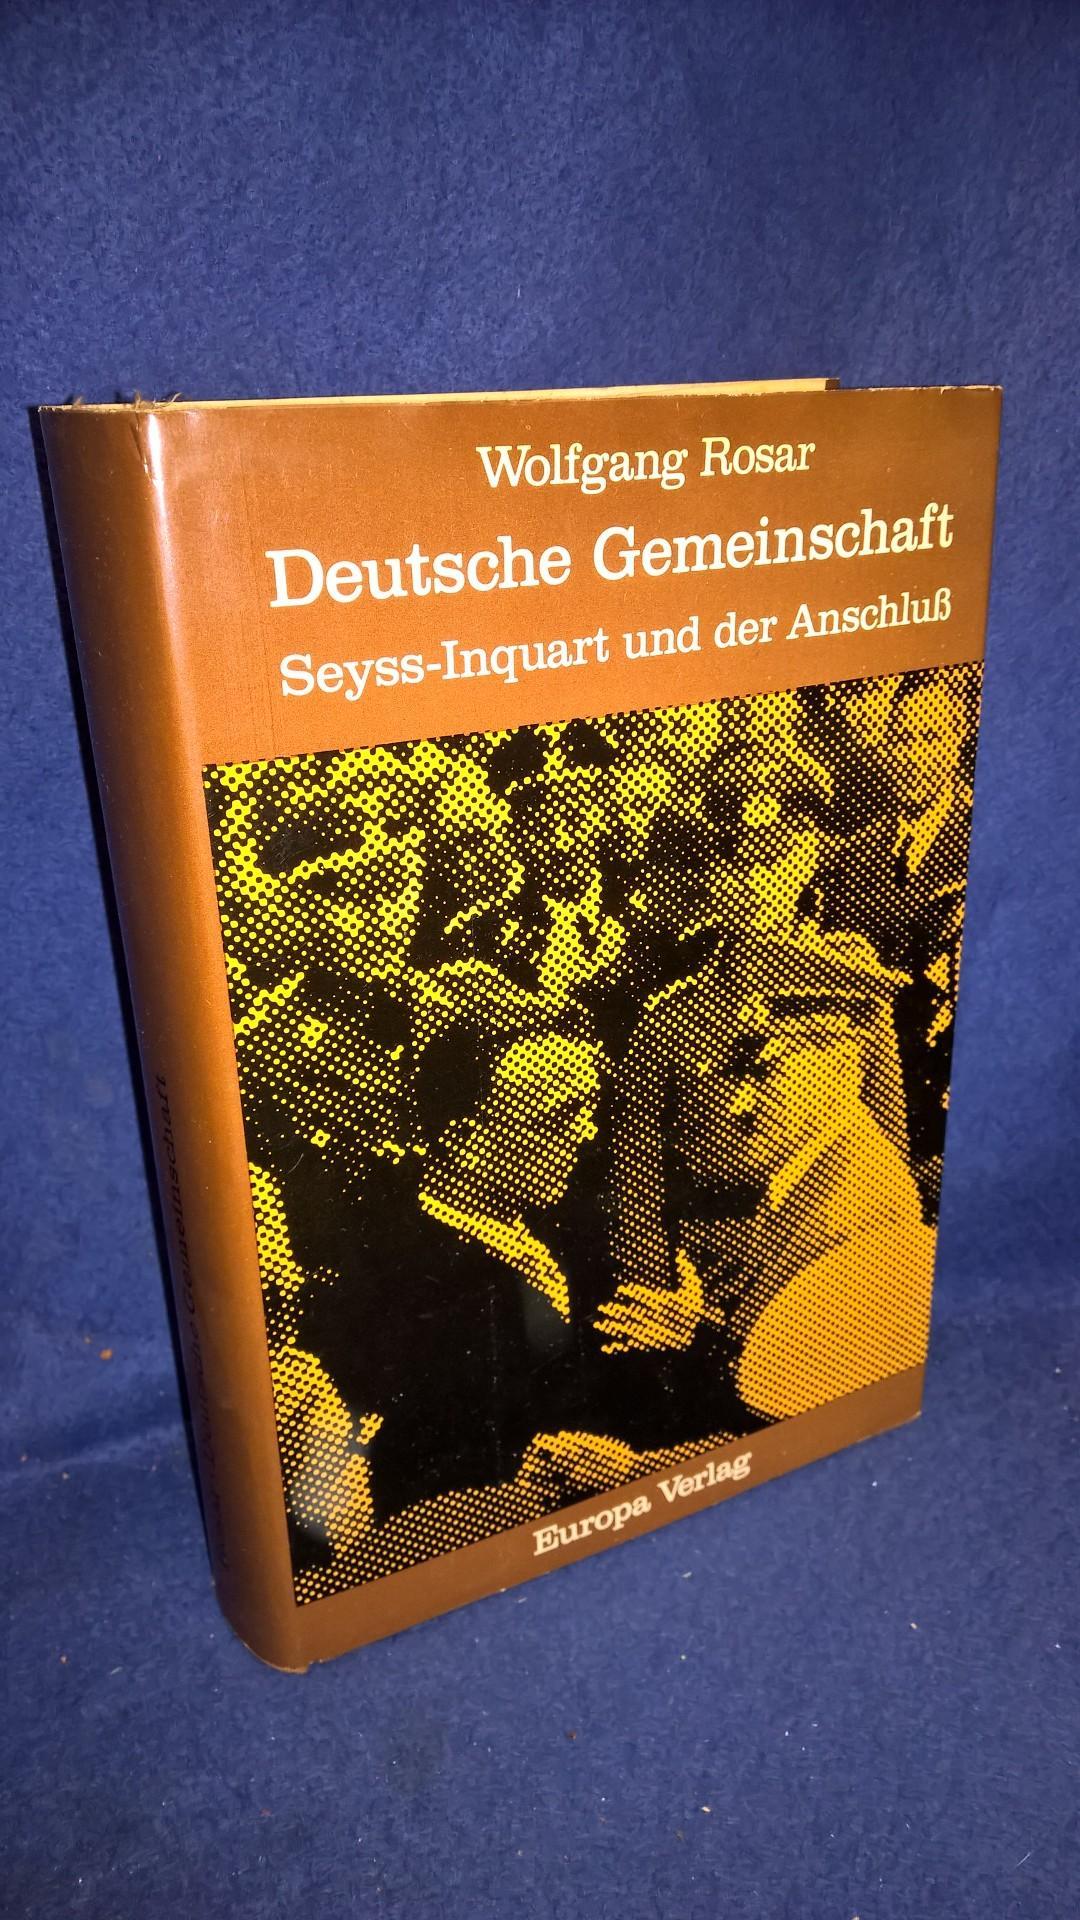 Deutsche Gemeinschaft. Seyss-Inquart und der Anschluss